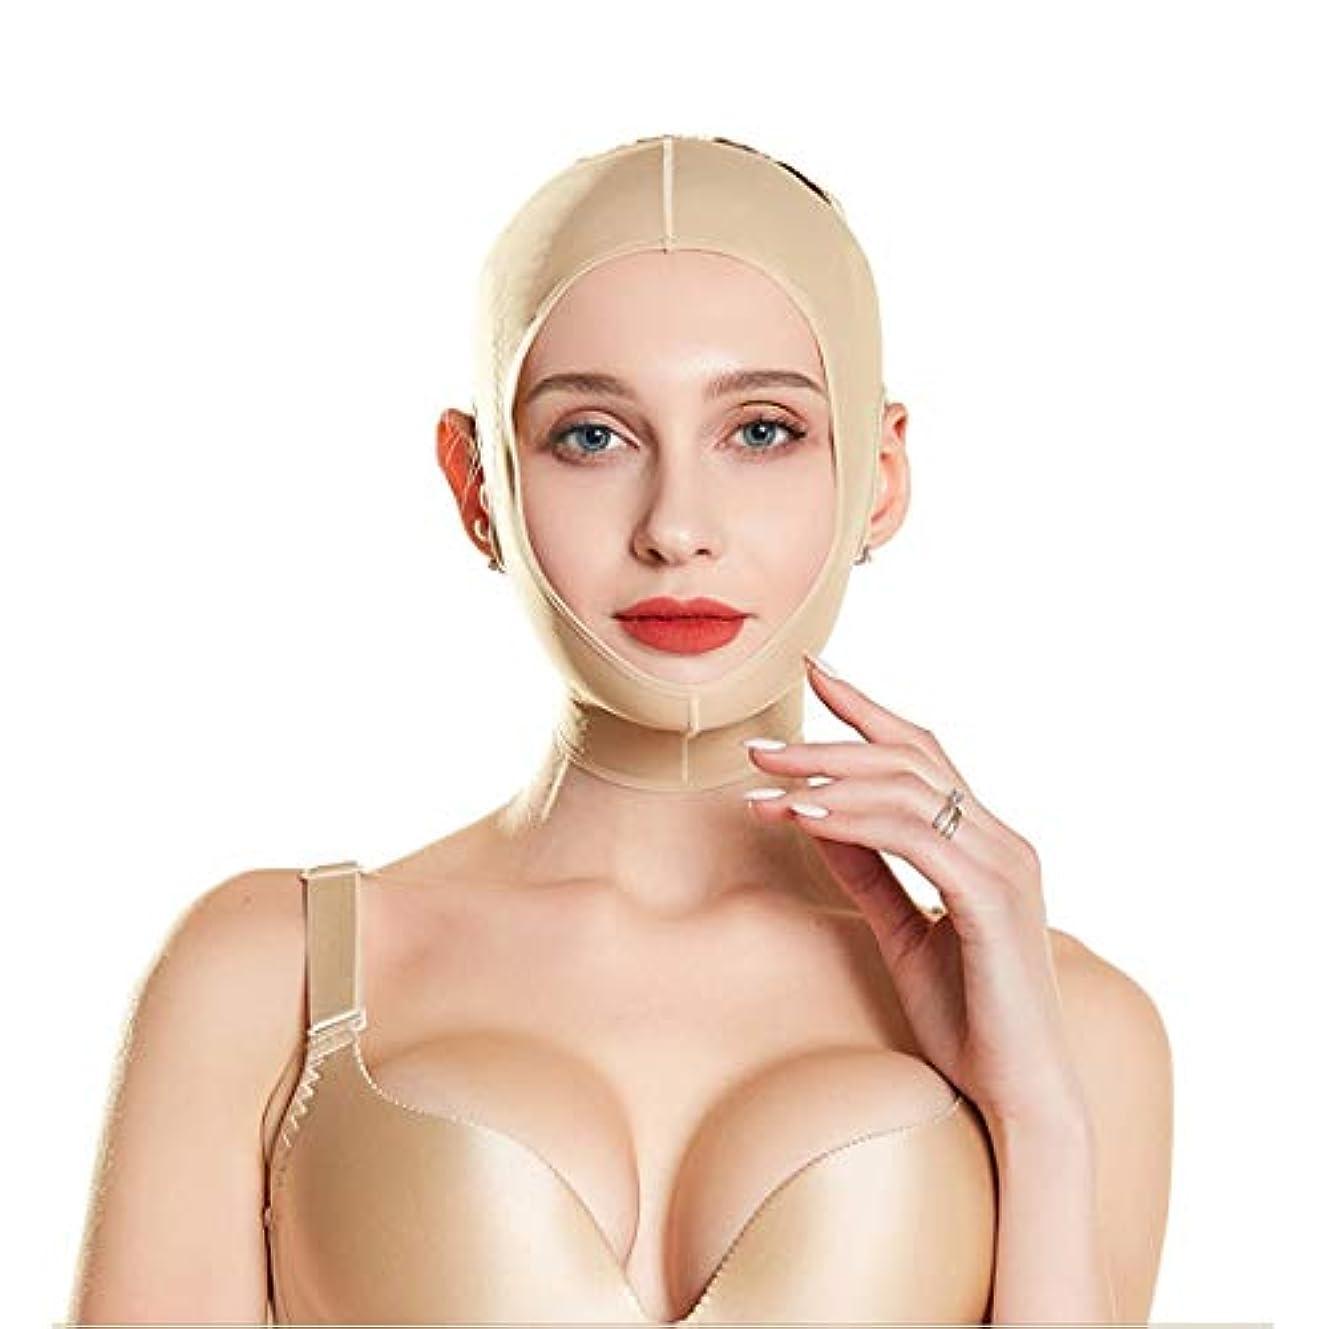 アジア人削減無力ZWBD フェイスマスク, フェイスリフティング包帯医療美容スキンフェイスカービングスモールVフェイスアーティファクトシェーピングリフティングフェイスカービングセットフェイスマスク美容フェードシワ (Size : M)